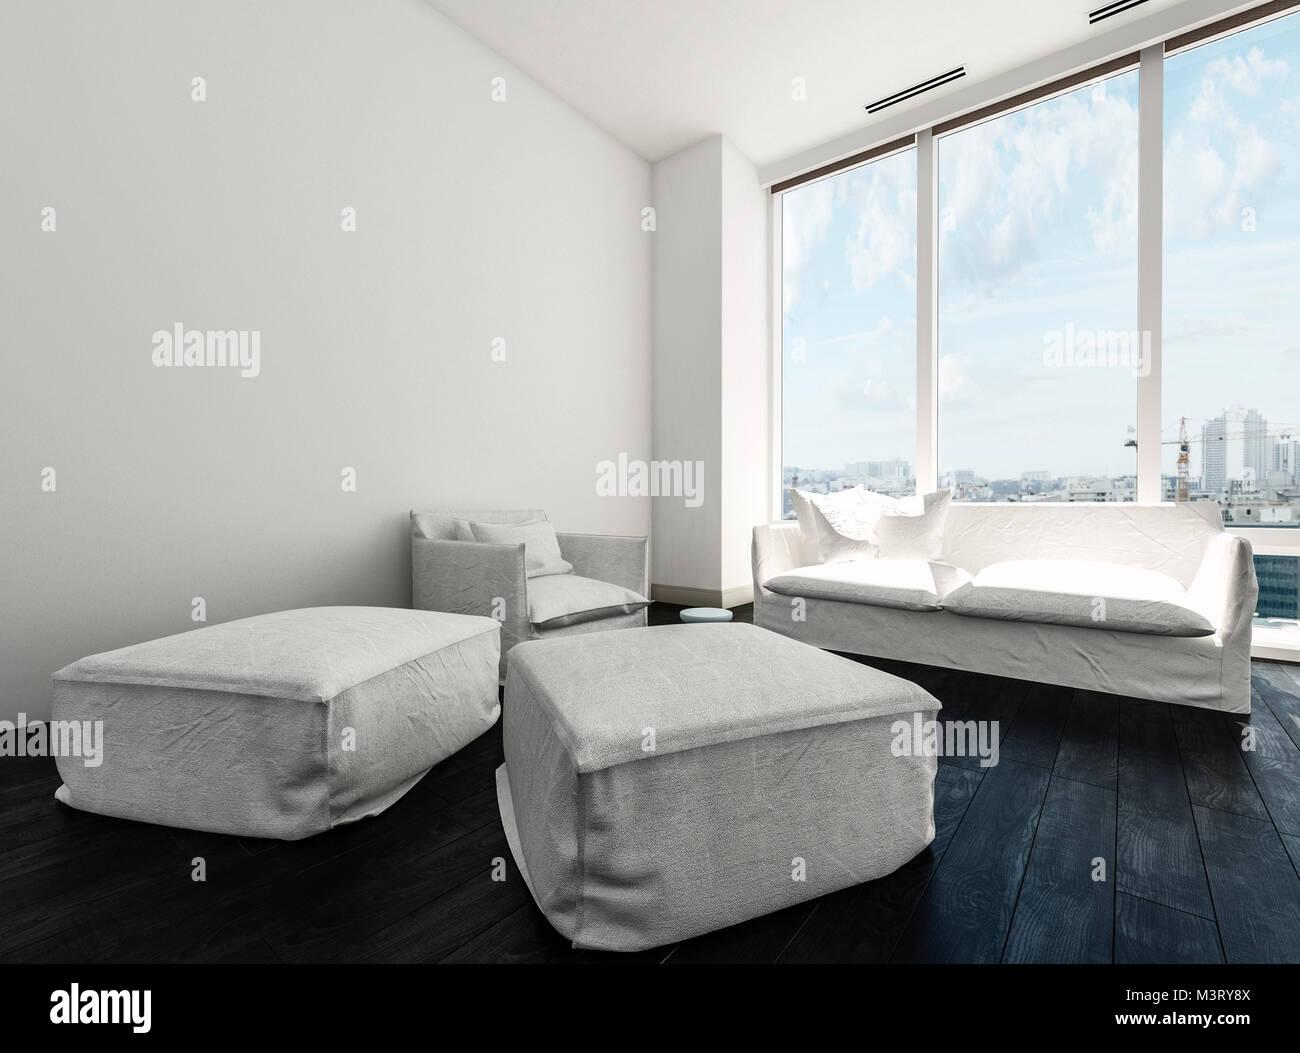 Bequeme minimalistischen schwarzweiß weiß wohnzimmer mit einem sofa